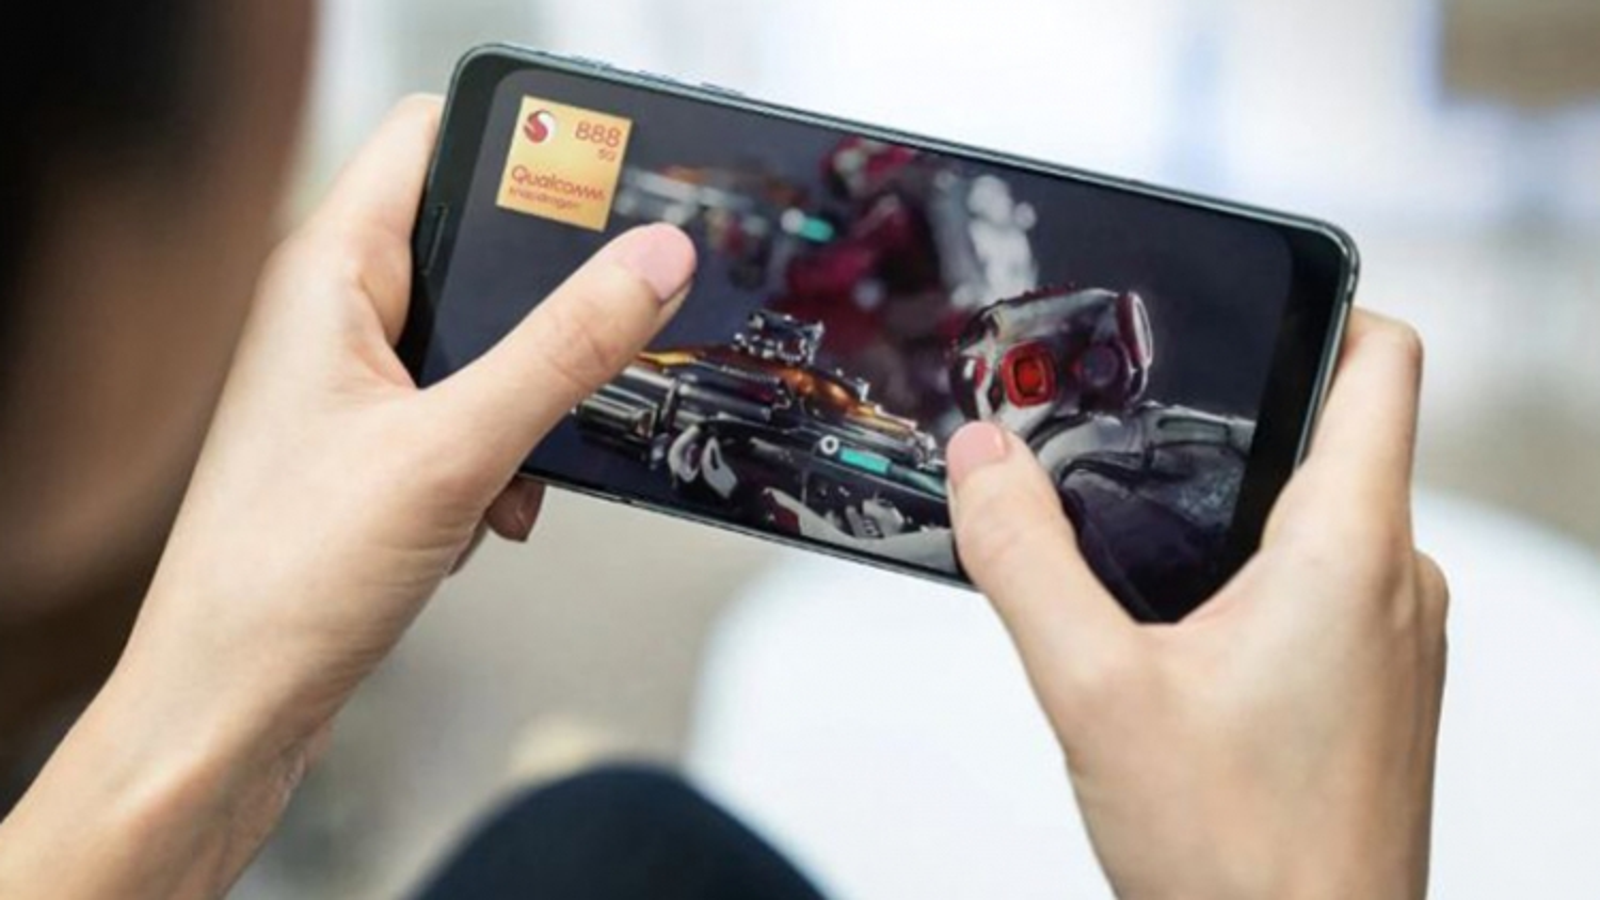 Điểm yếu lớn nhất của Android so với iPhone sắp được giải quyết?